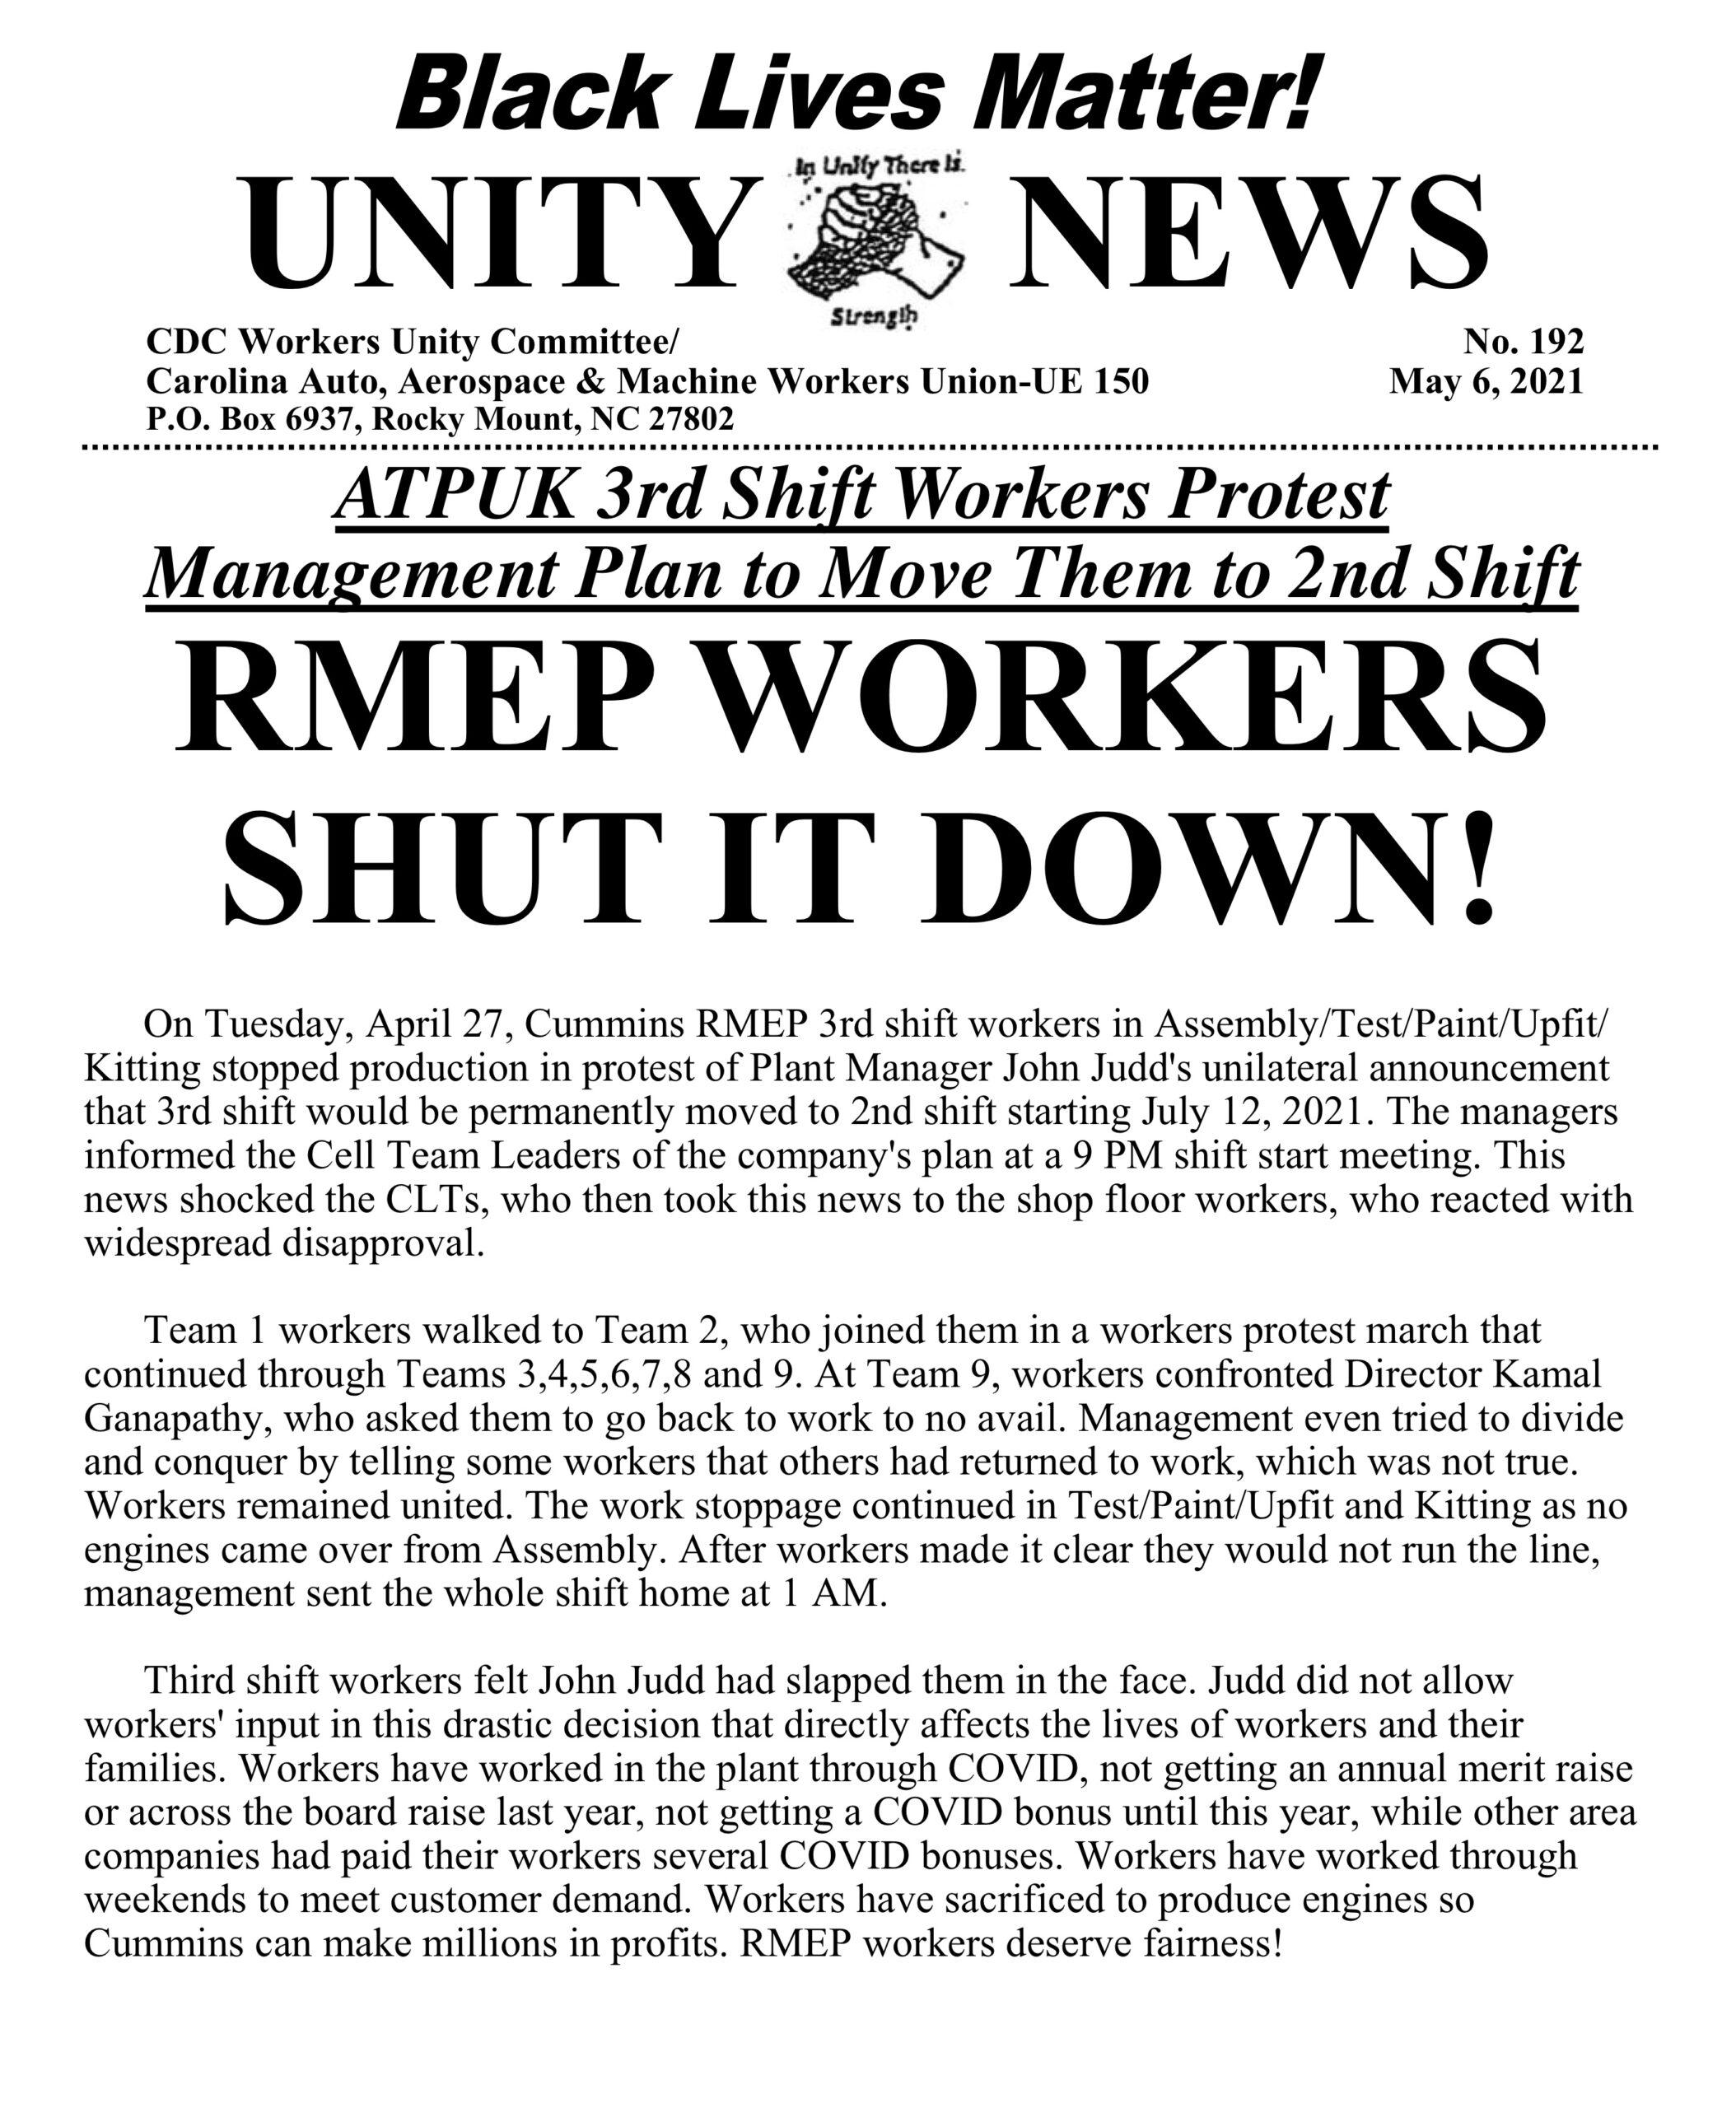 RMEP Workers Shut It Down!